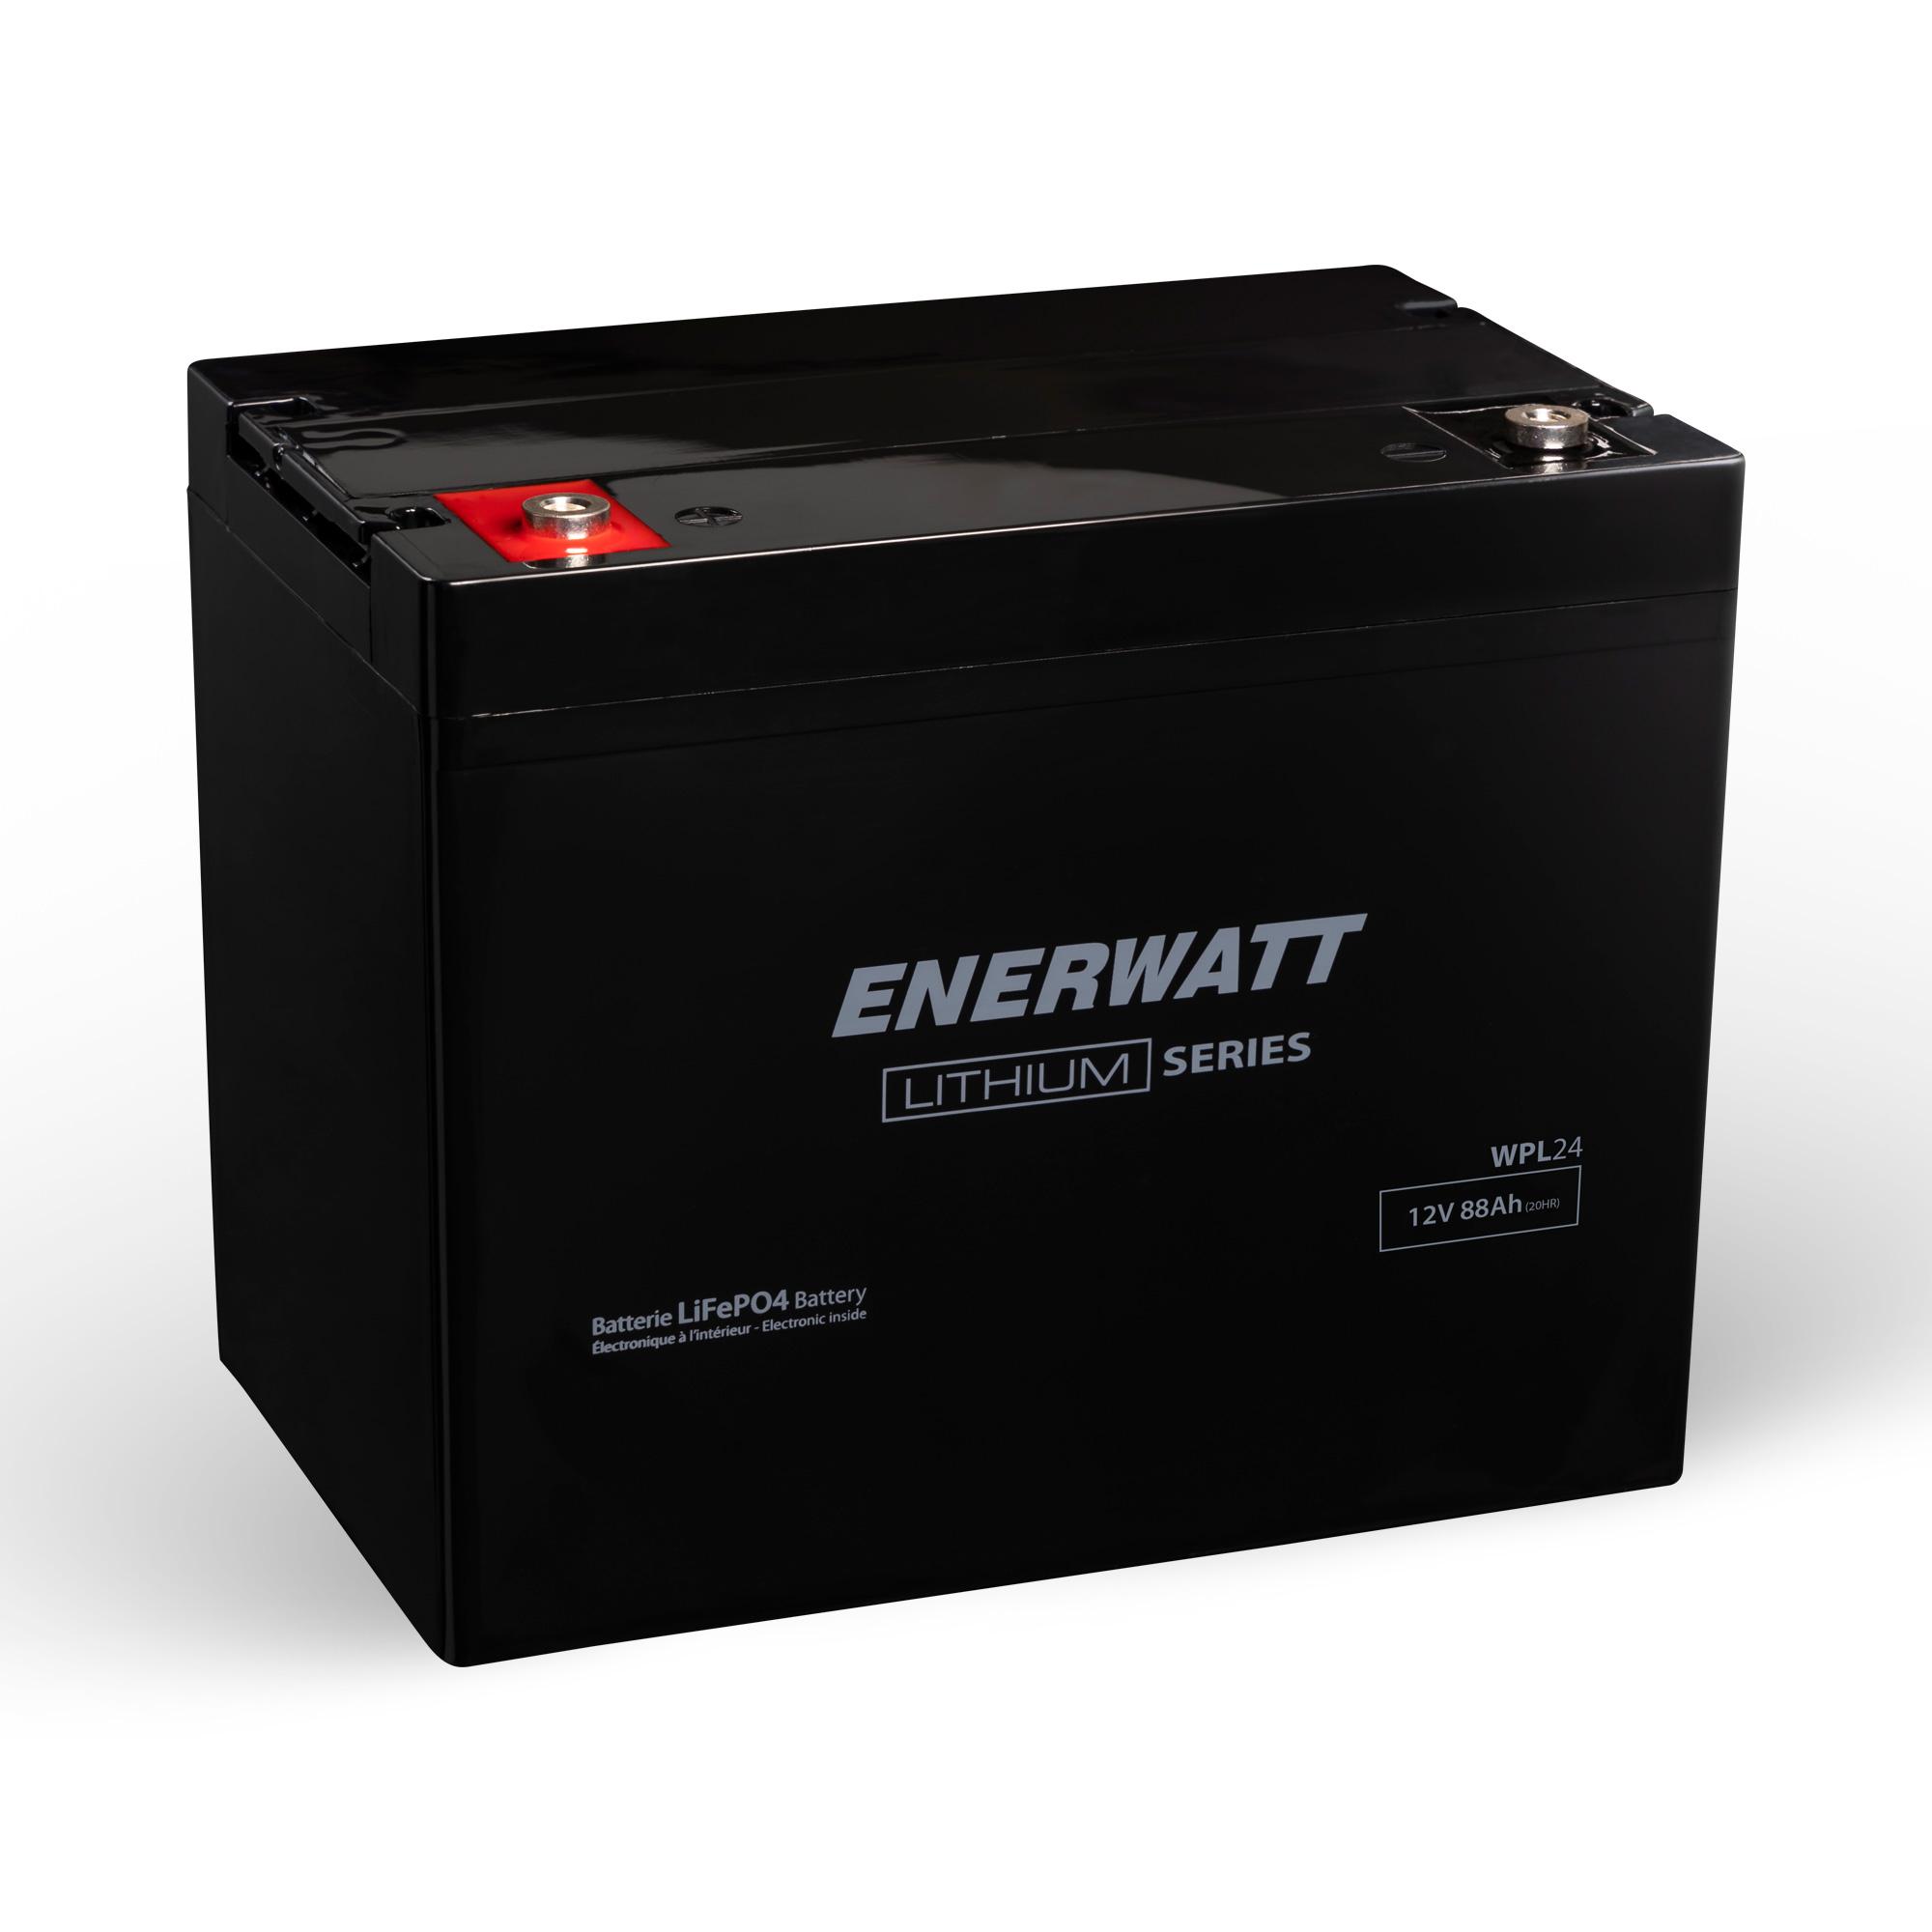 WPL24 batterie GR24 LiFePO4 12V (WPL12-80)